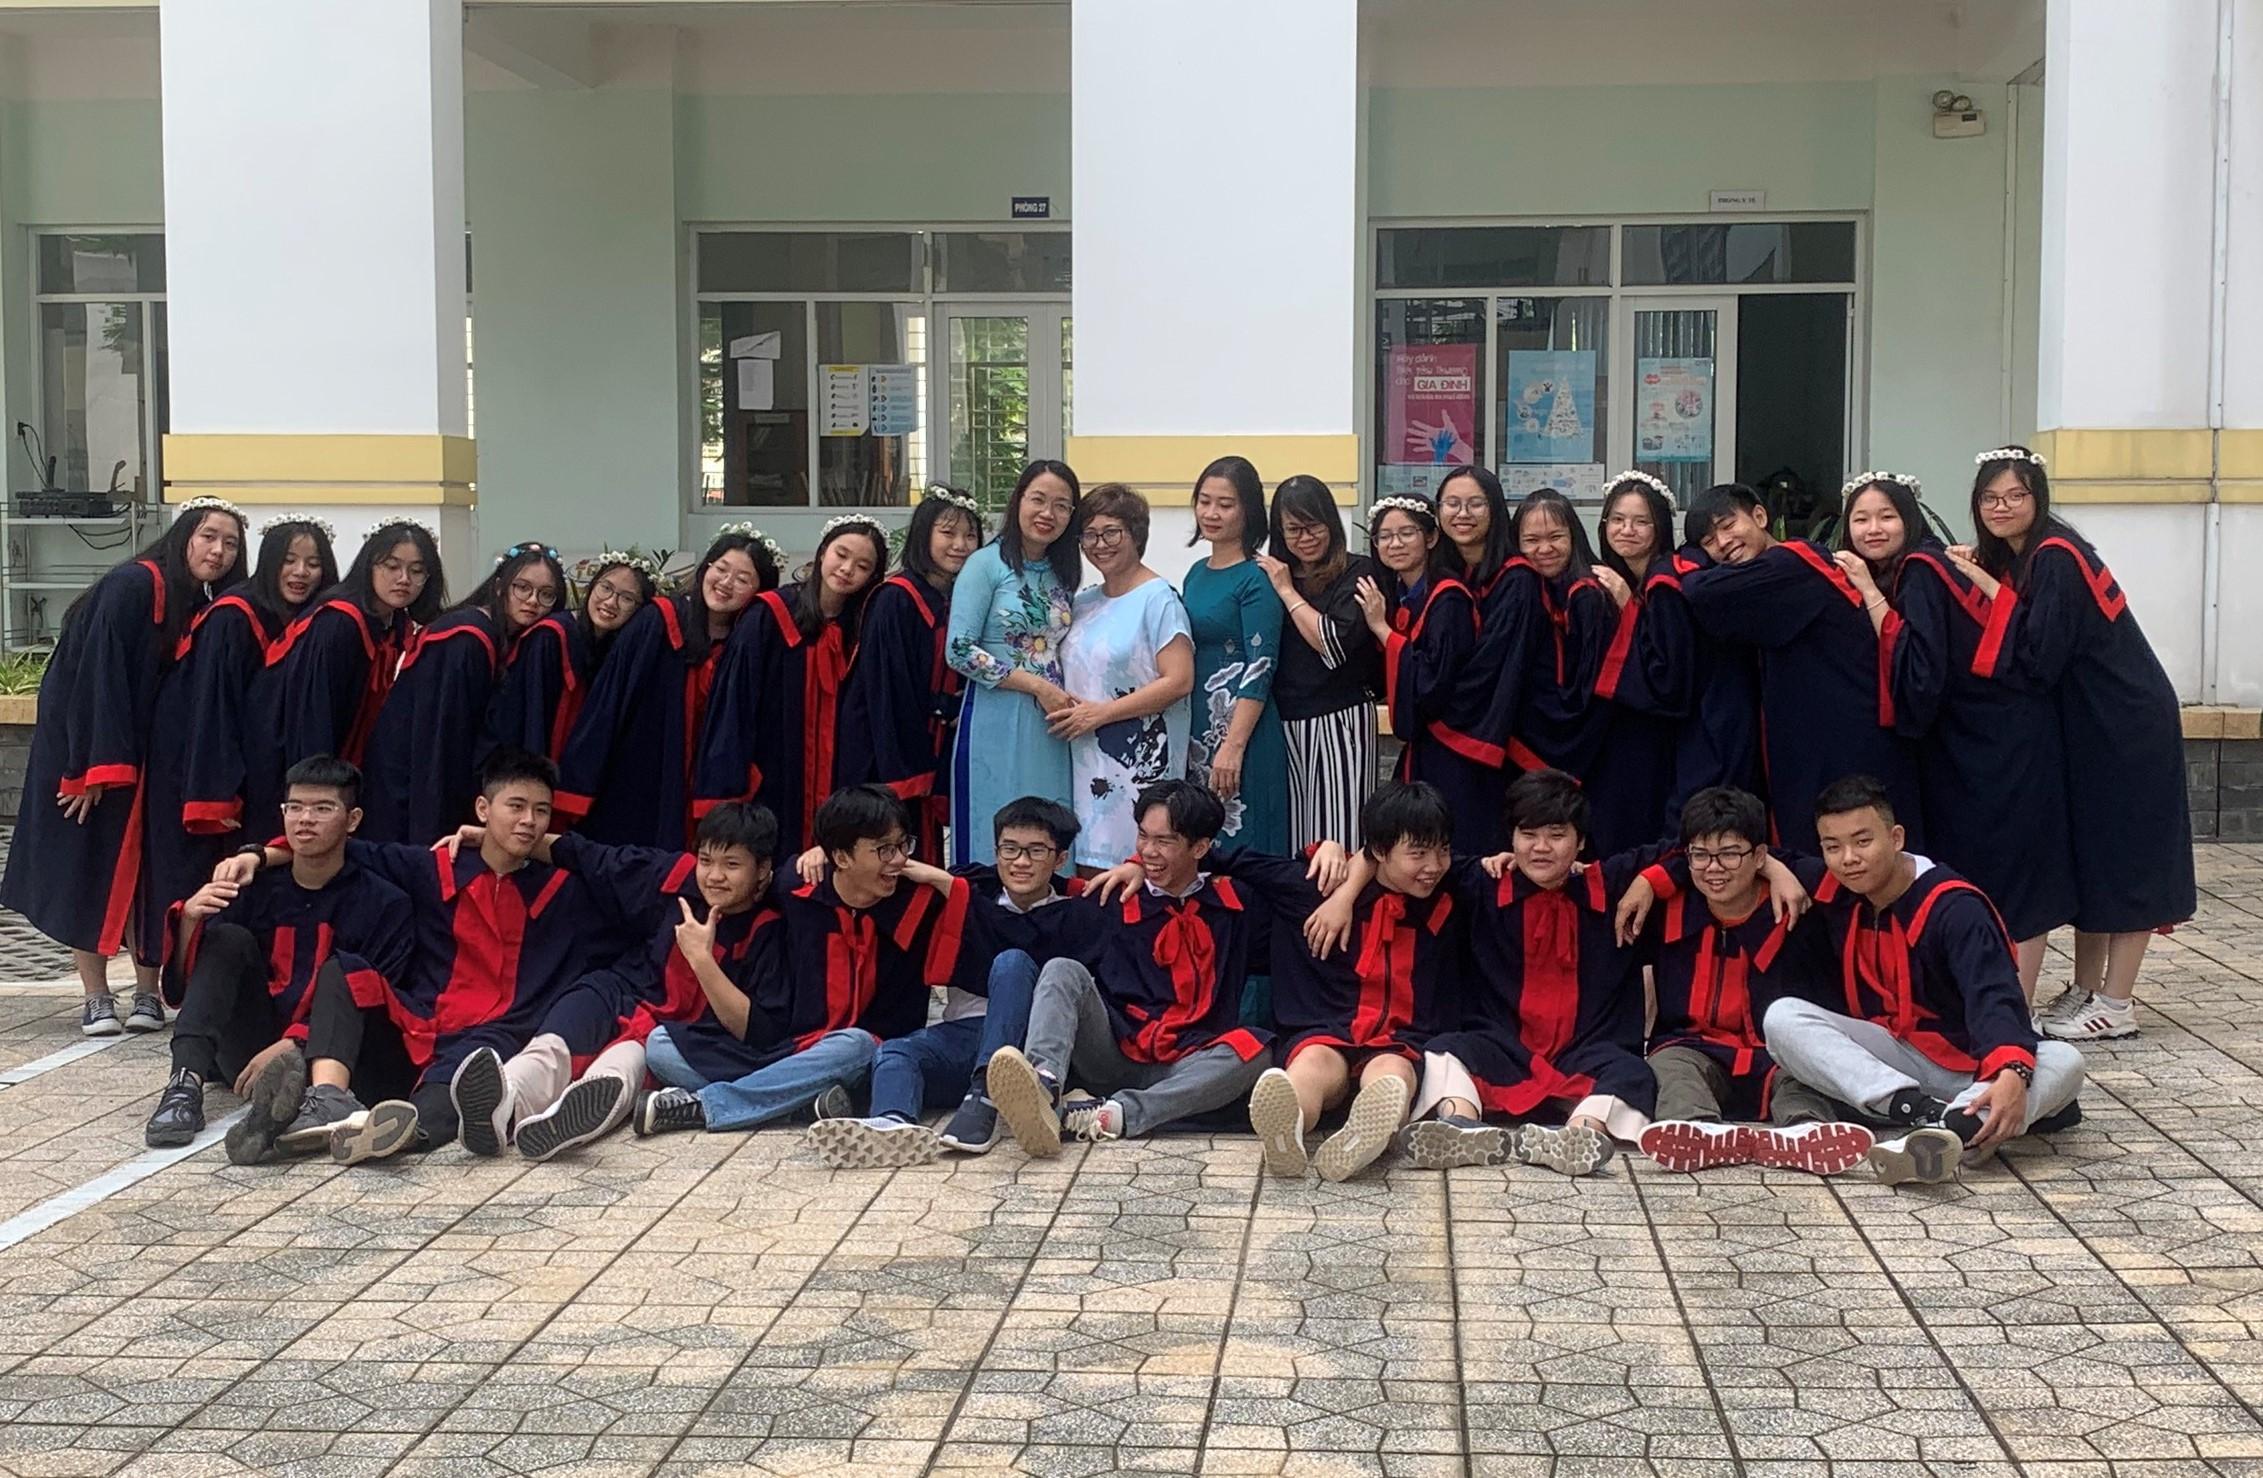 Đại học Quốc gia TP Hồ Chí Minh lùi thời gian thi đánh giá năng lực đến 30 8